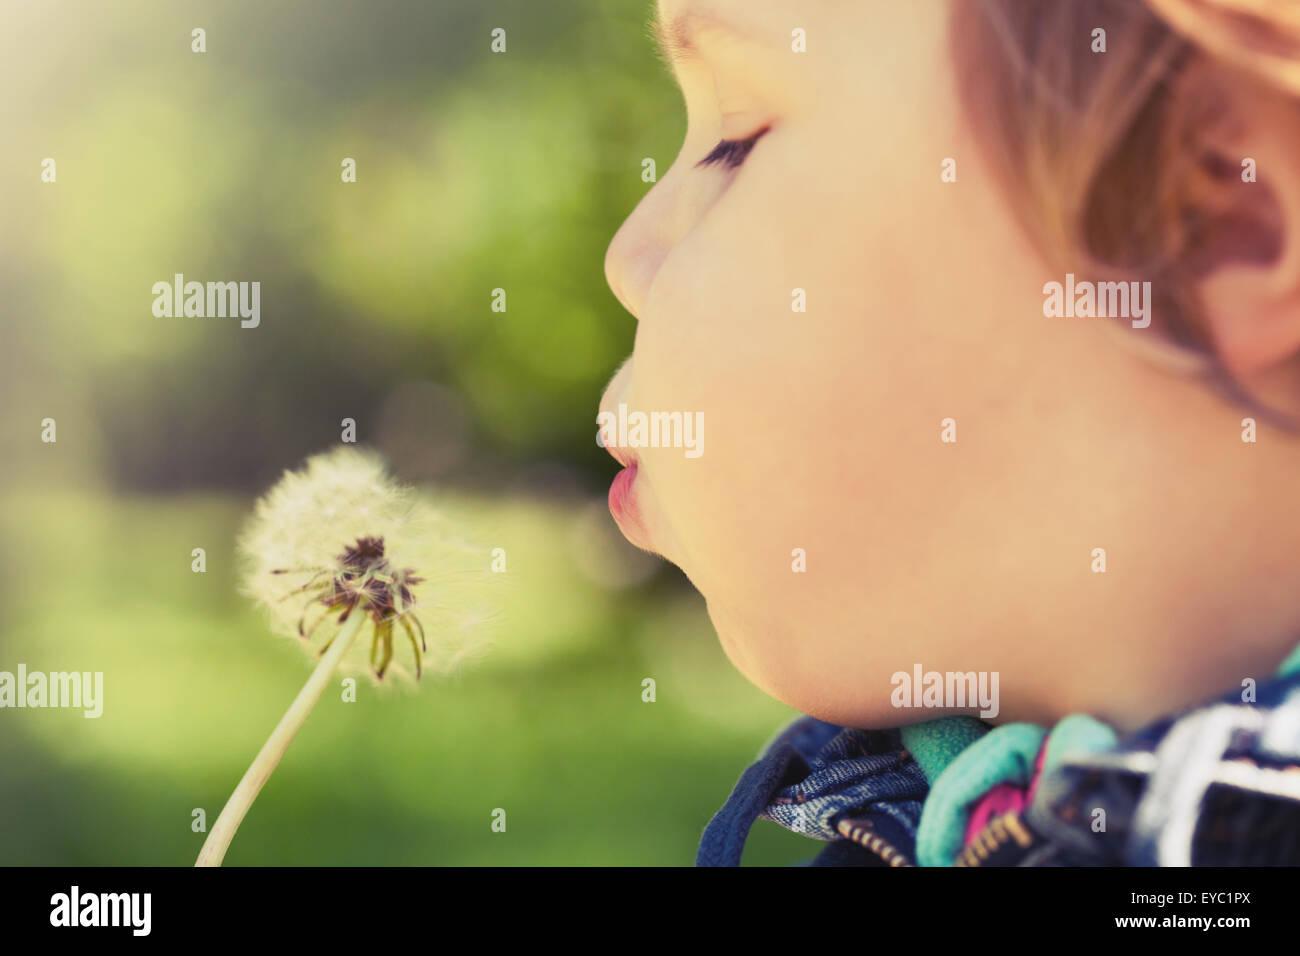 Bionda caucasica Baby girl soffia su un fiore di tarassaco in un parco, vintage tonica foto con messa a fuoco selettiva Immagini Stock